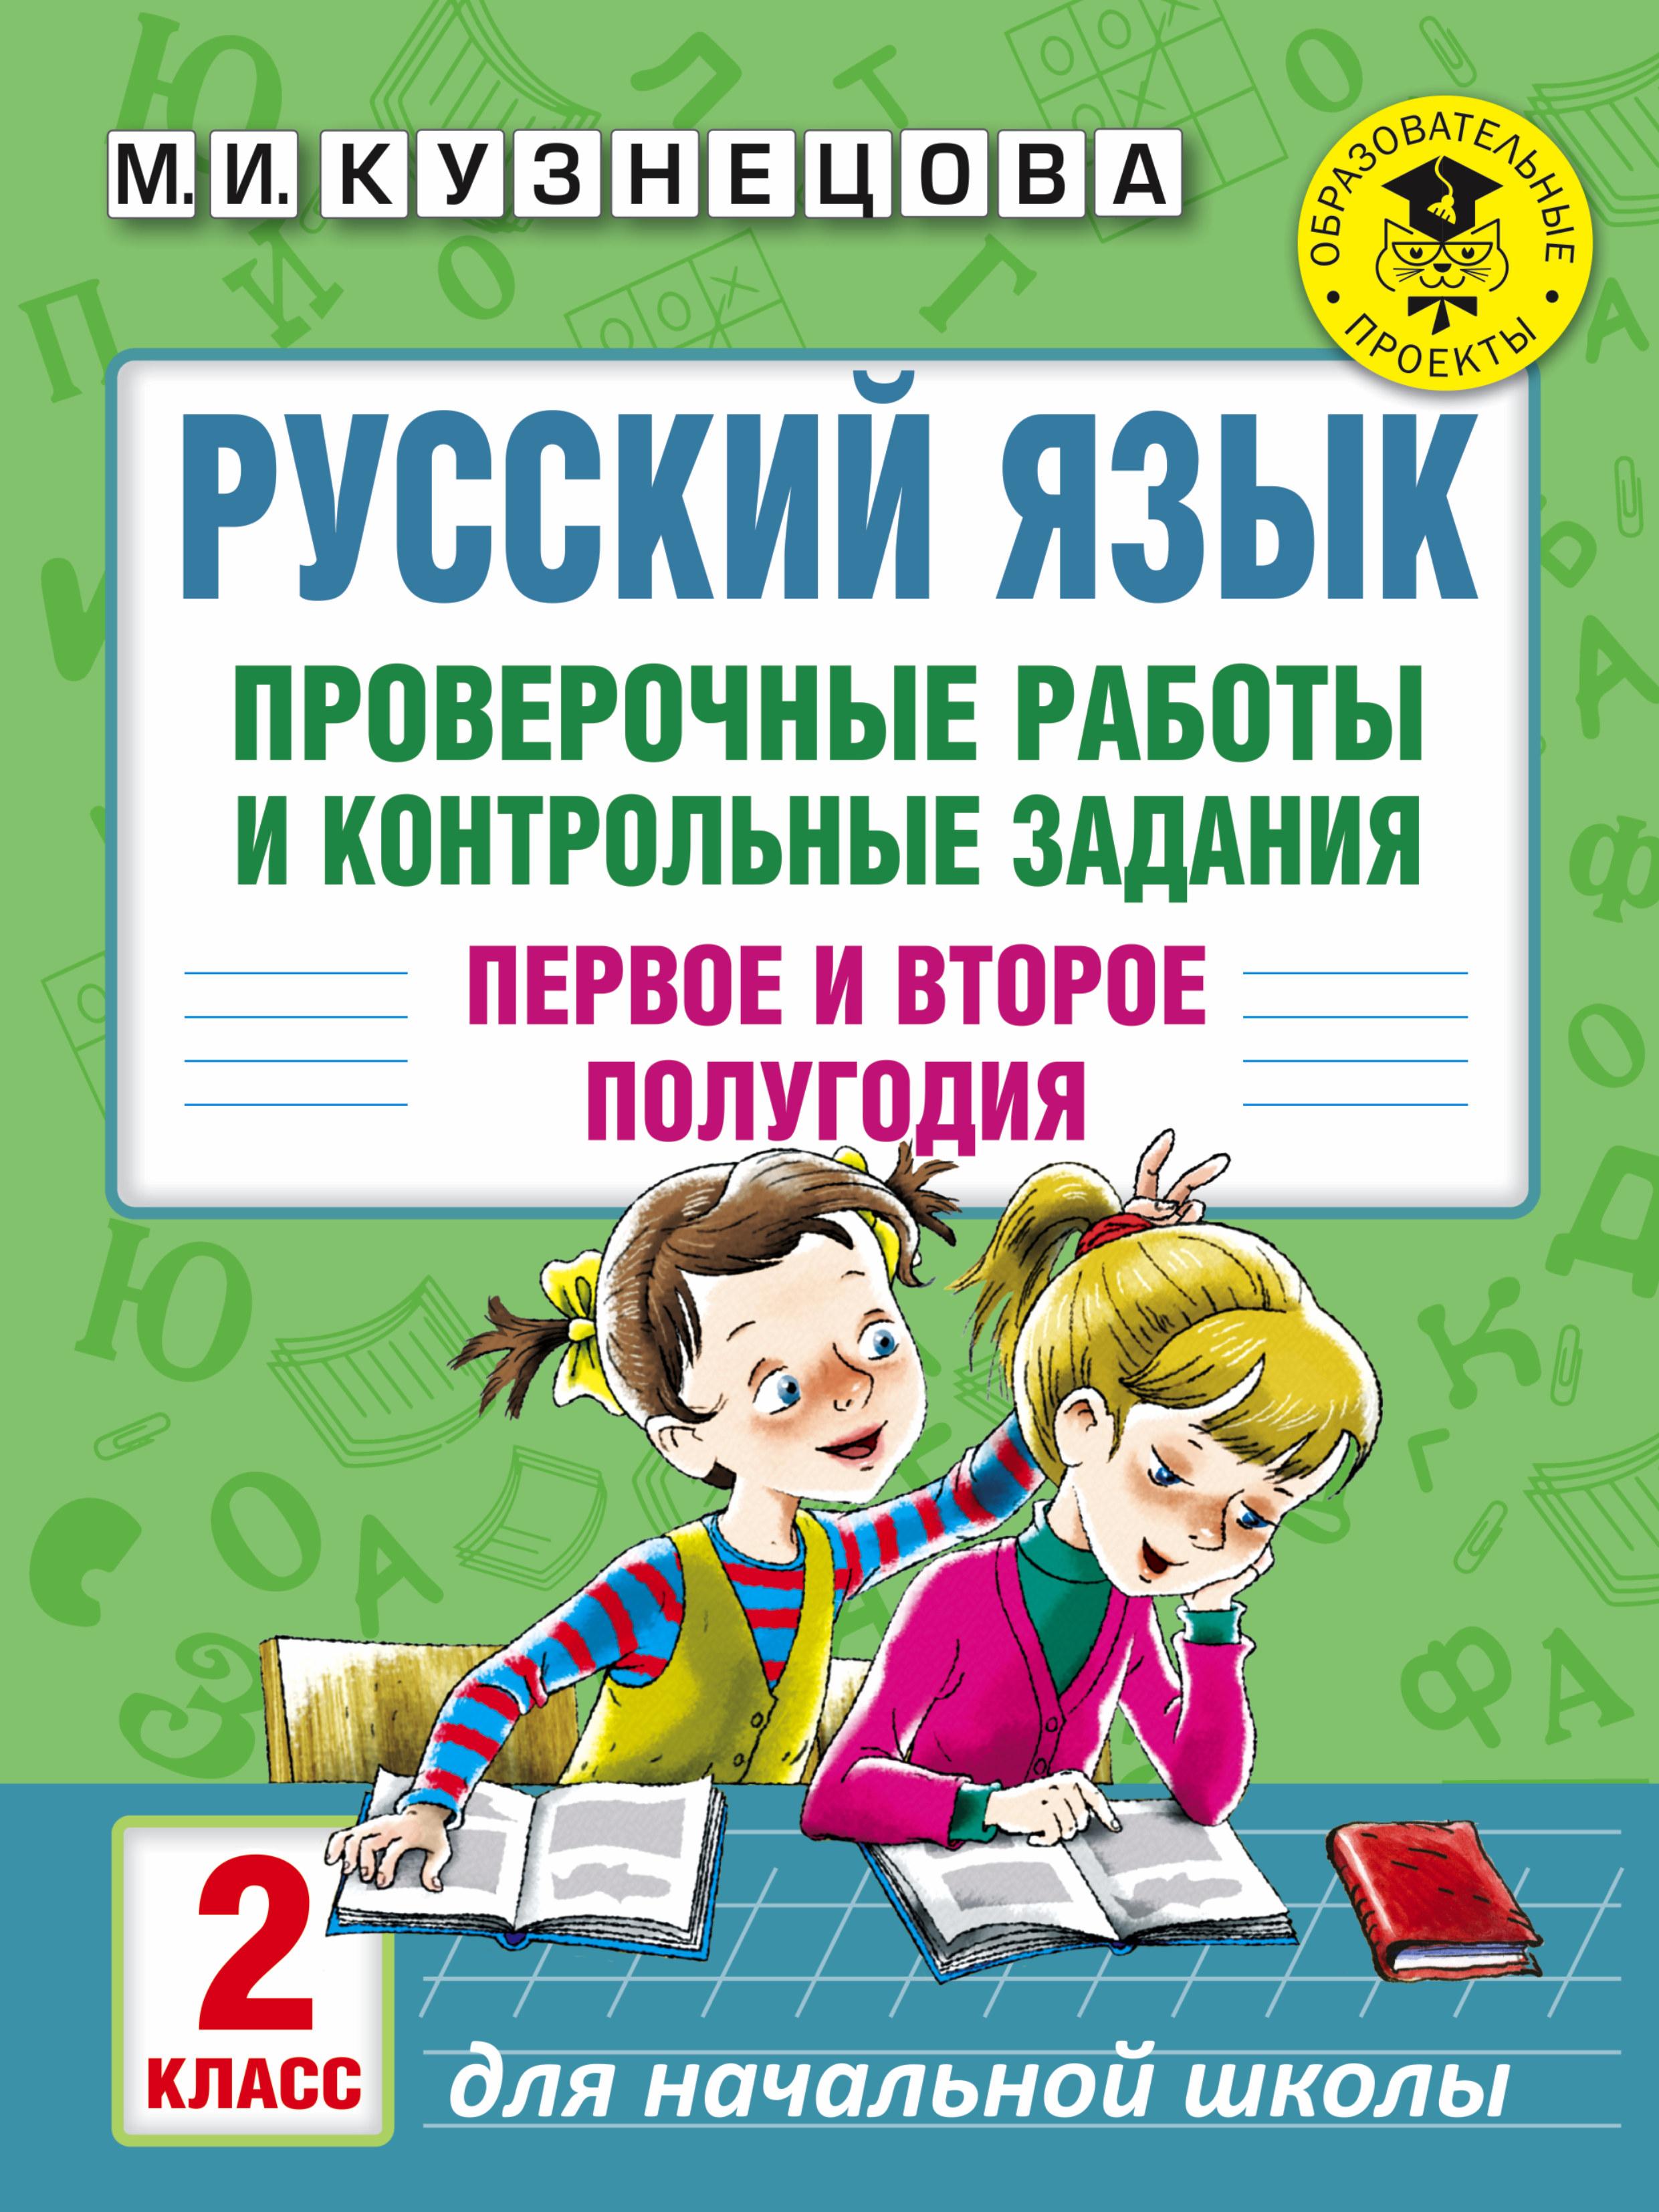 Русский язык. Проверочные работы и контрольные задания. Первое и второе полугодия. 2 класс ( Кузнецова М.И.  )